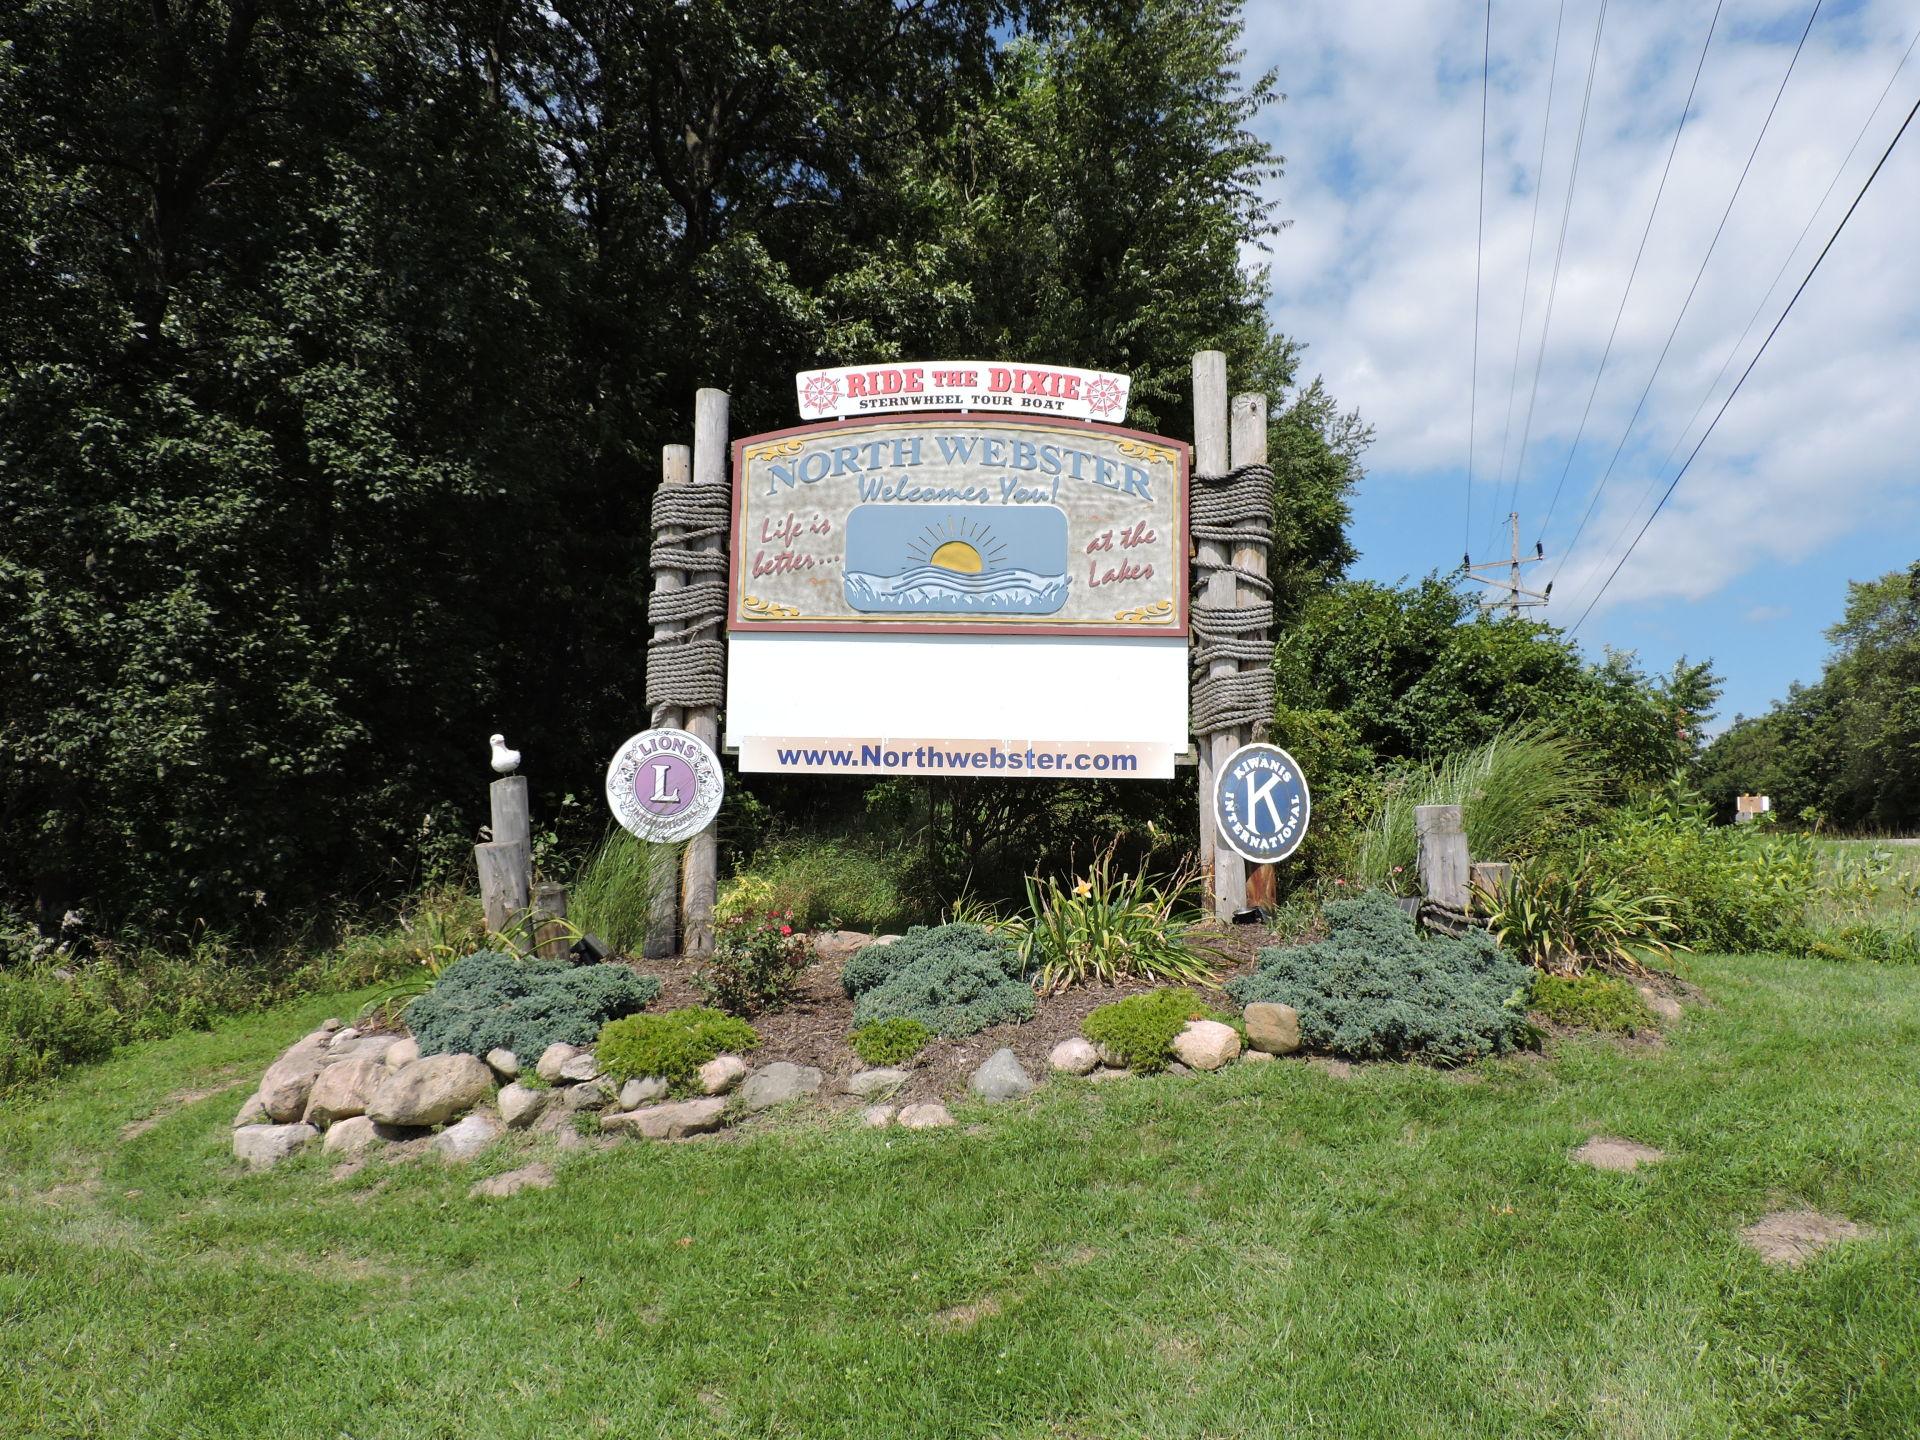 North Webster